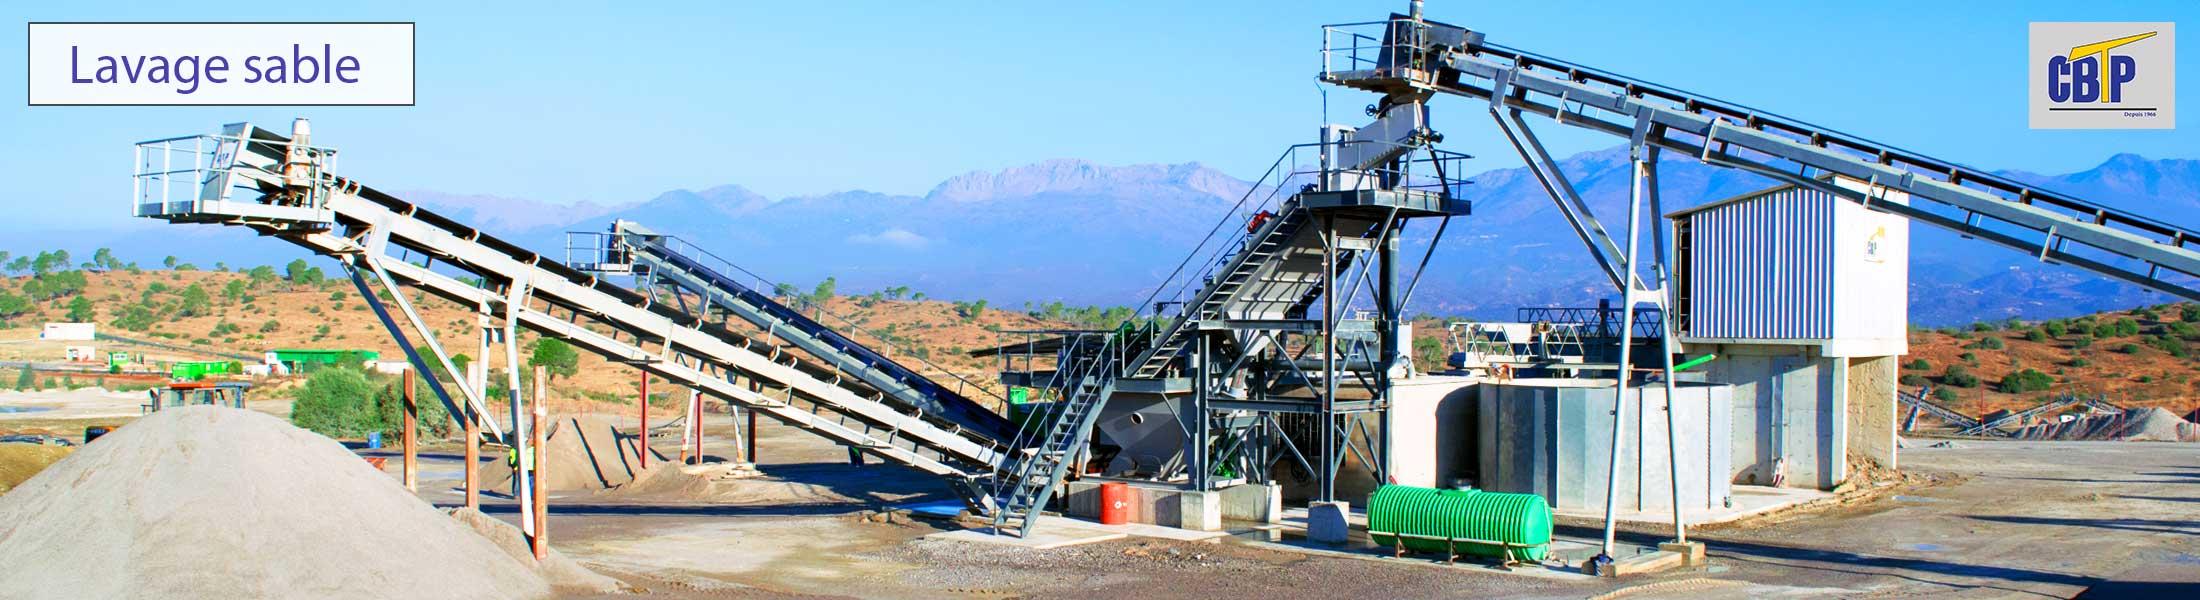 Carriére d eproduction de sable lavé, image globale